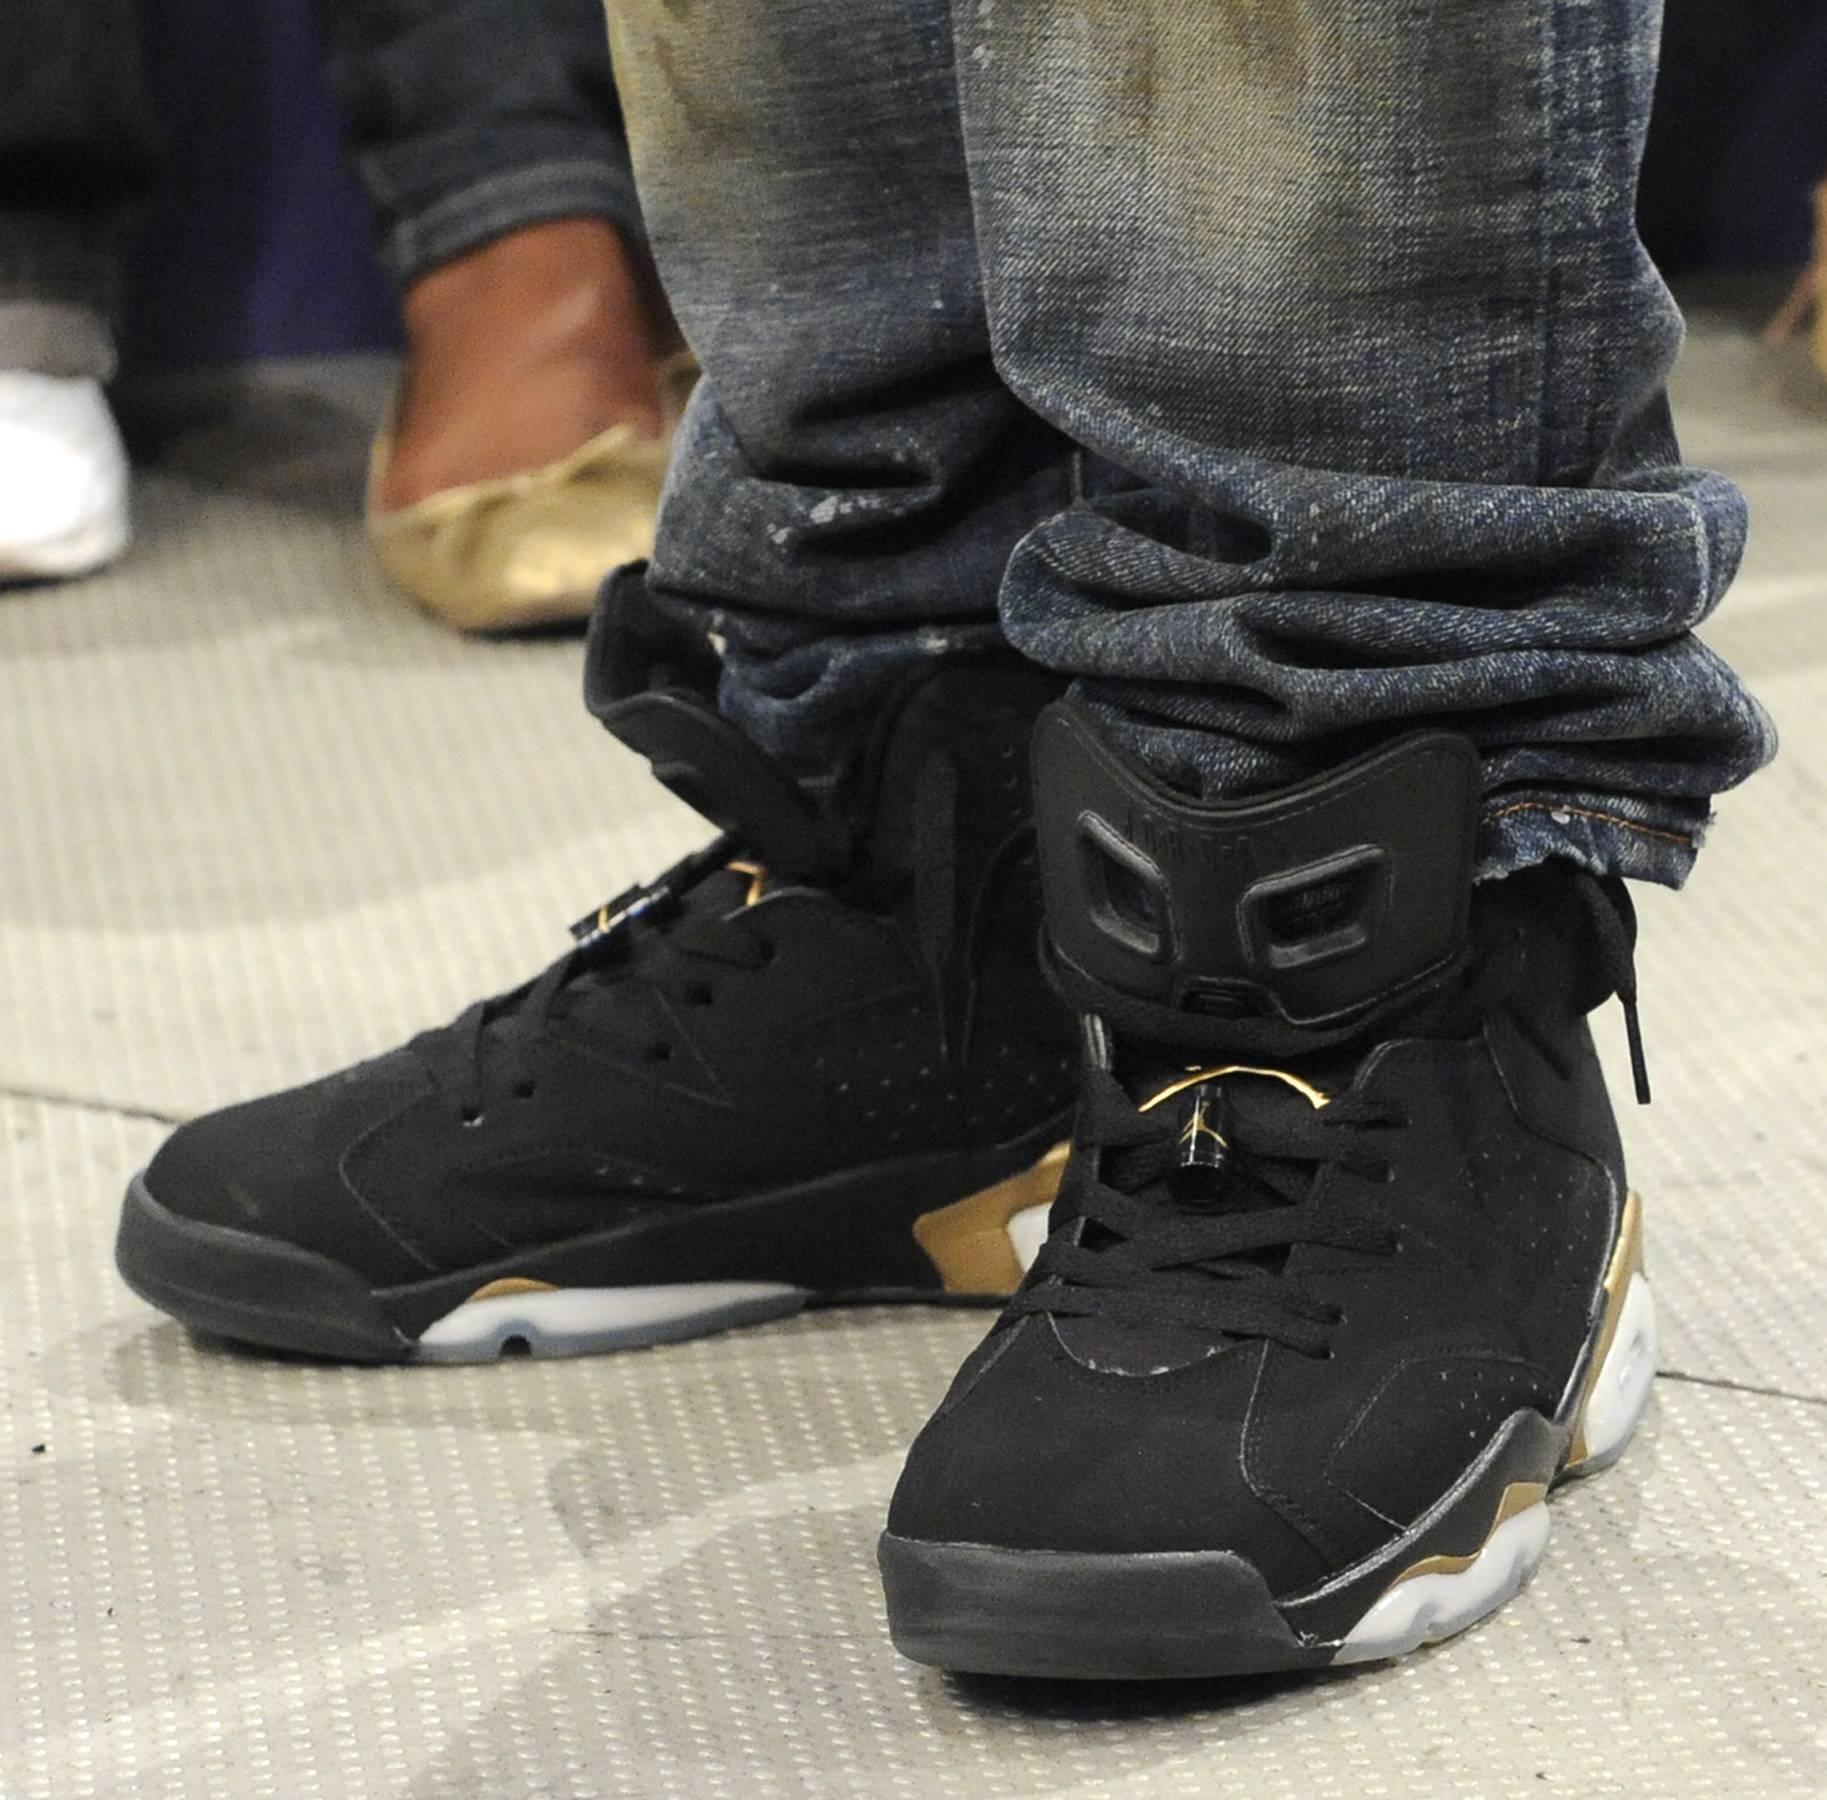 Sneaker Zoom - Diggy Simmons at 106 & Park, May 22, 2012. (Photo: John Ricard / BET)